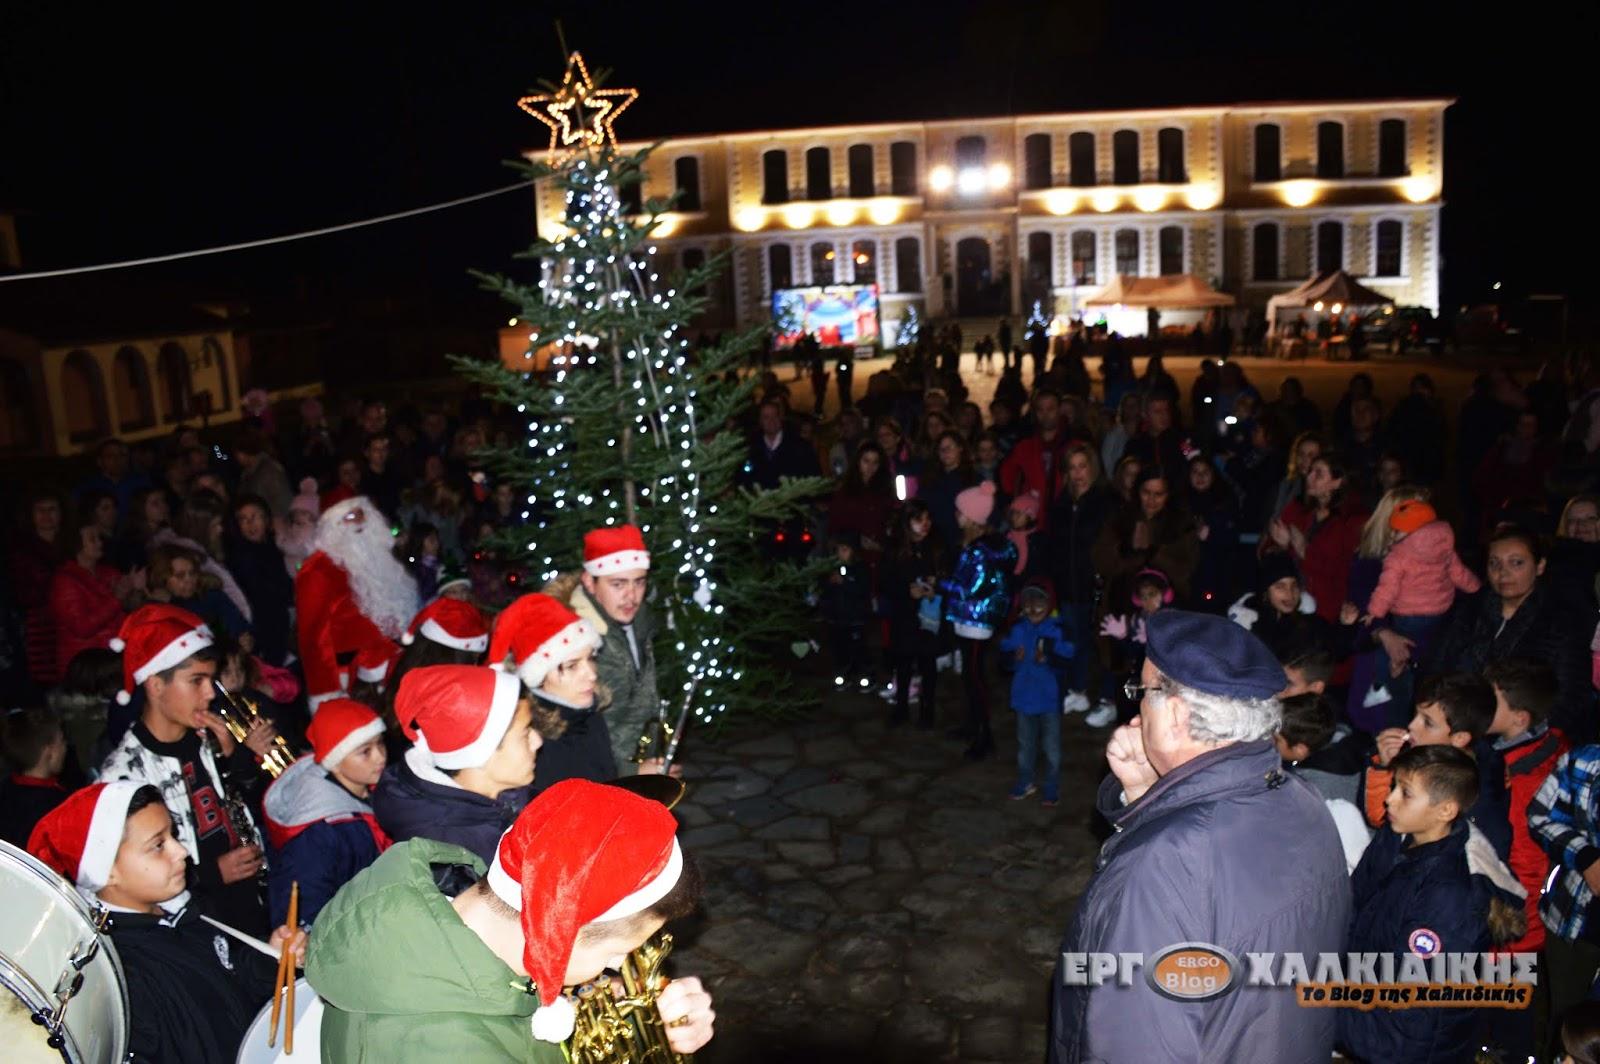 Ο  Στολισμός του Χριστουγεννιάτικου Δέντρου  στο Δημοτικό Σχολείο της Αρναίας (Φώτο βίντεο)